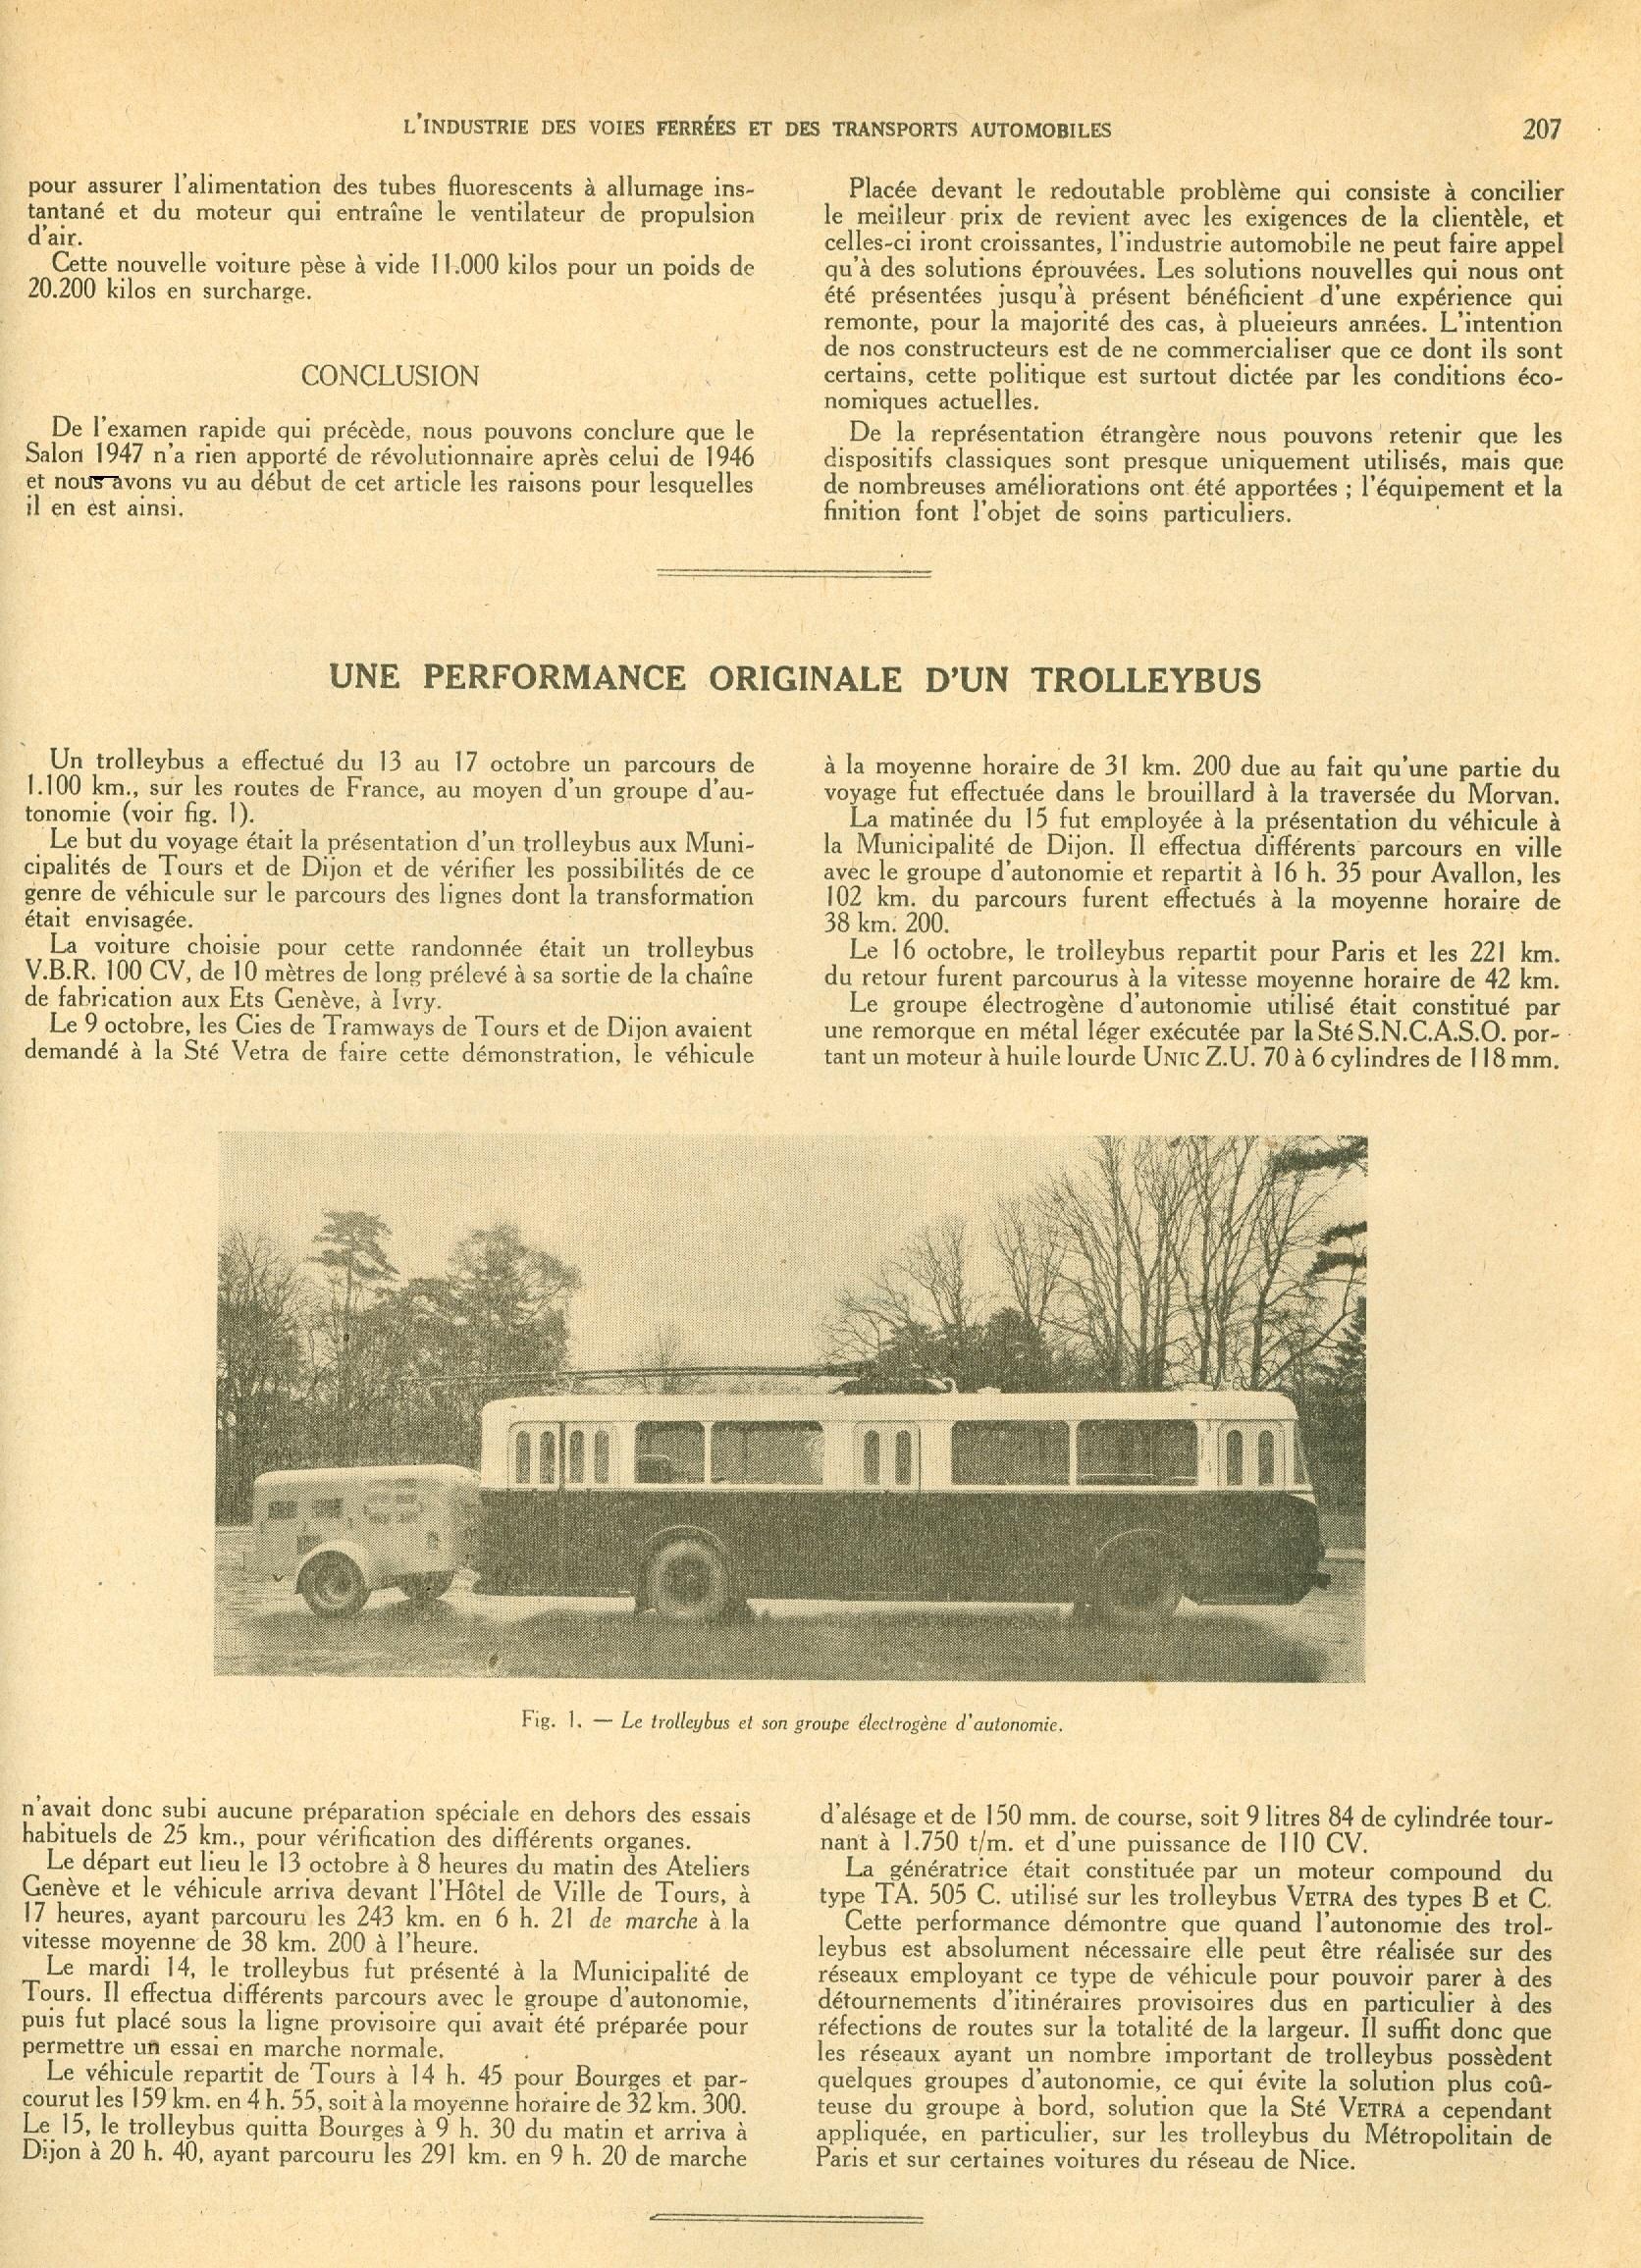 """V tomtéž časopise se bylo možné dočíst o neobvyklém putování trolejbusu typu VBR přímo ze závodu Vetry v Ivry do měst Tours a Dijon (do Dijonu přes Bourges a zpět do Paříže přes Avallon)za prezentačními účely. Cesta tohoto trolejbusového """"světoběžníkova"""" s přívěsem ukrývajícím dieselový pohonný agregát se odehrávala mezi 13. a 17. říjnem 1947."""